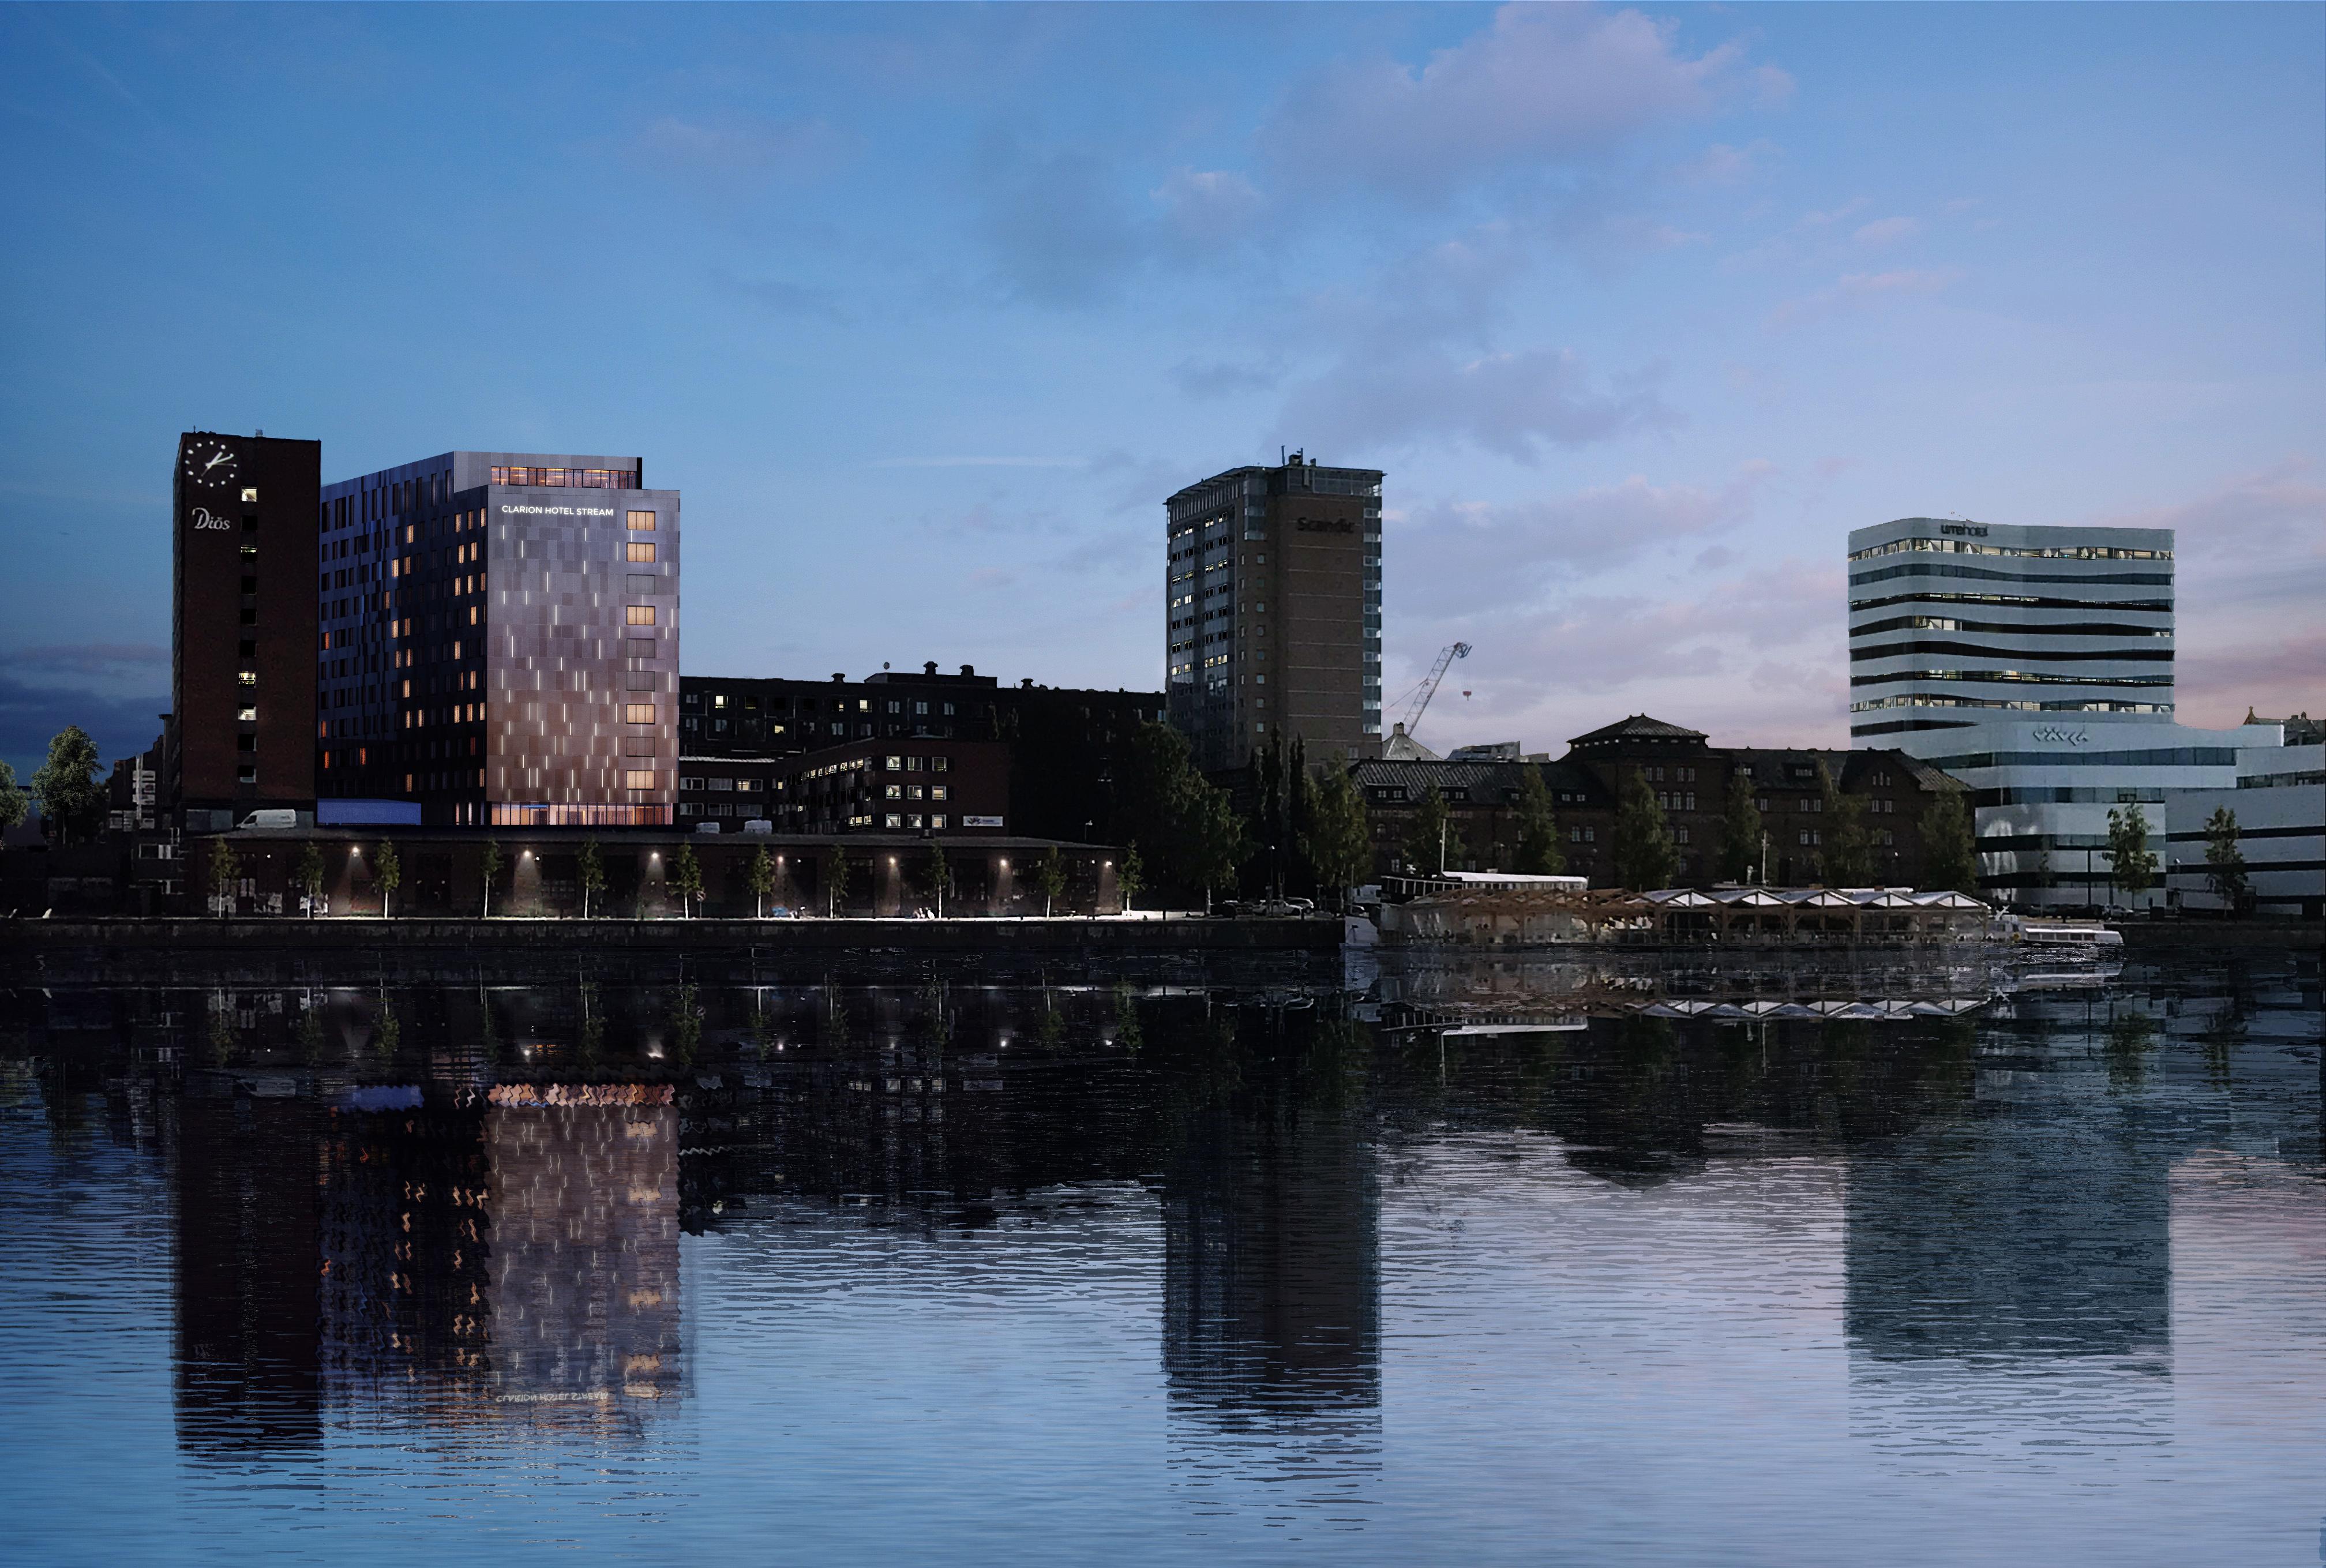 Byggkollen: Clarion Hotel & Kvarteret Magne